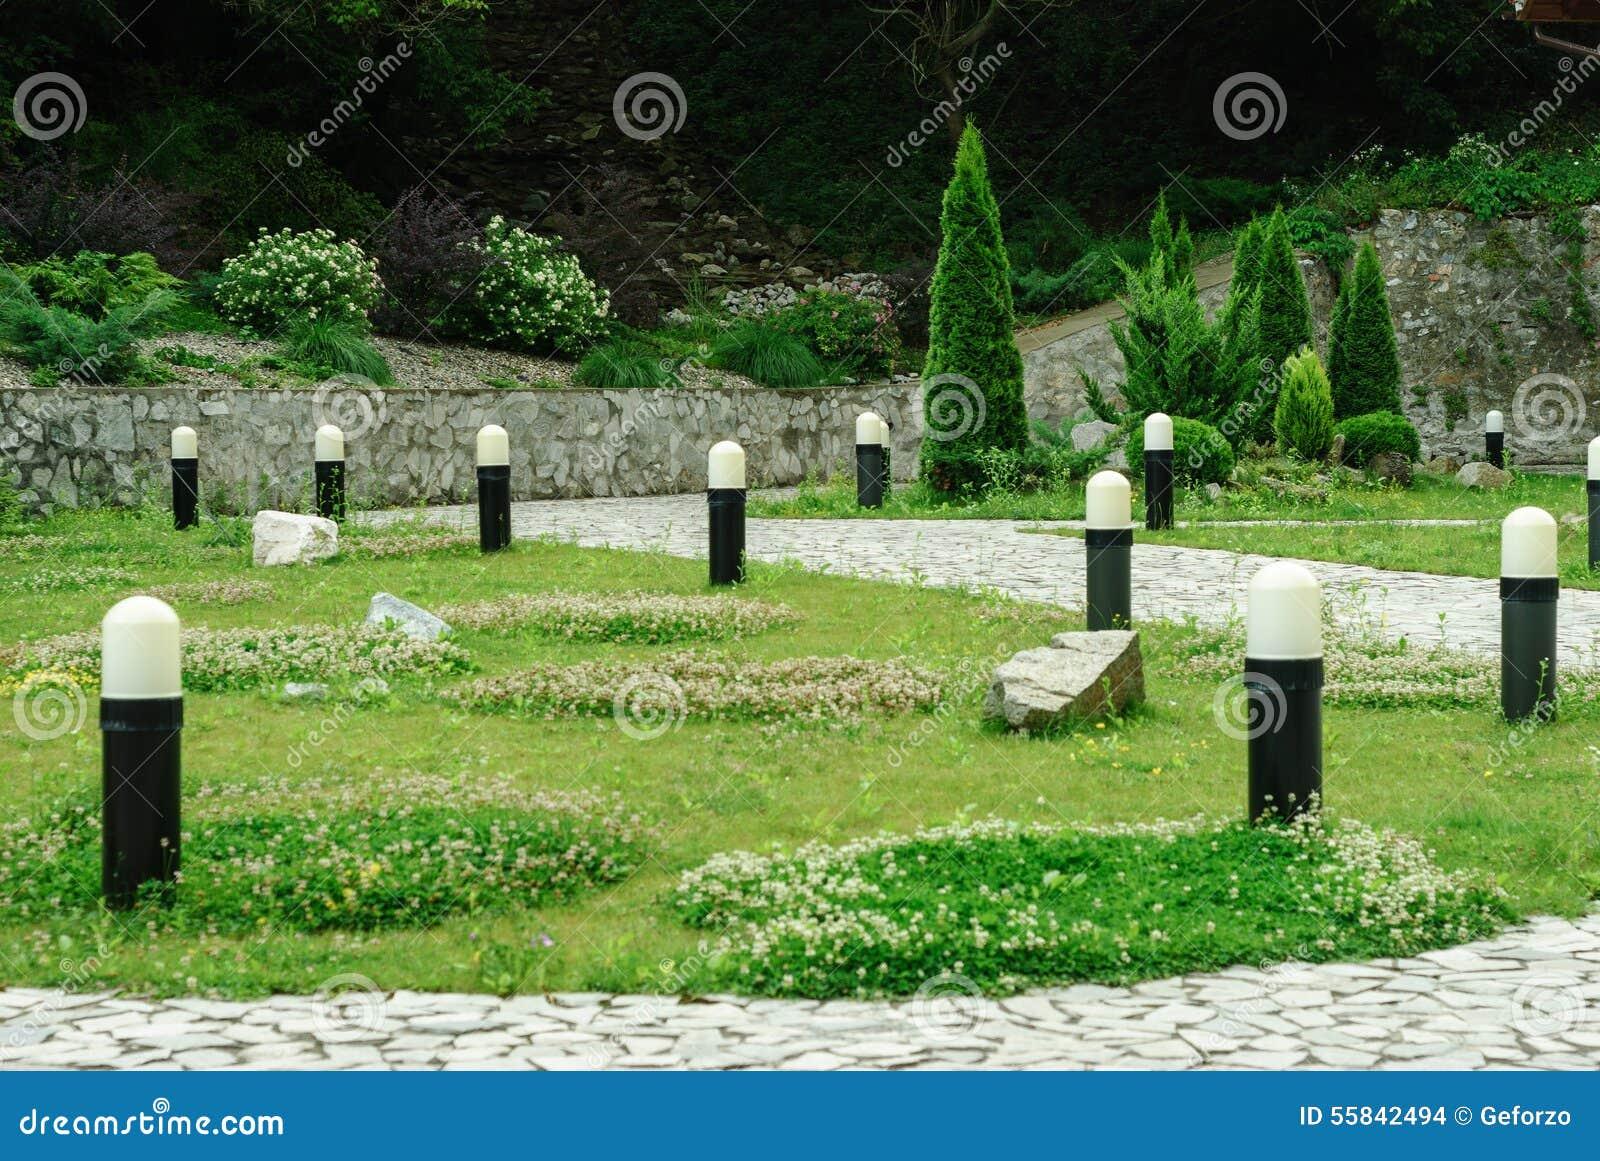 Tuin met gras, struiken en lampen